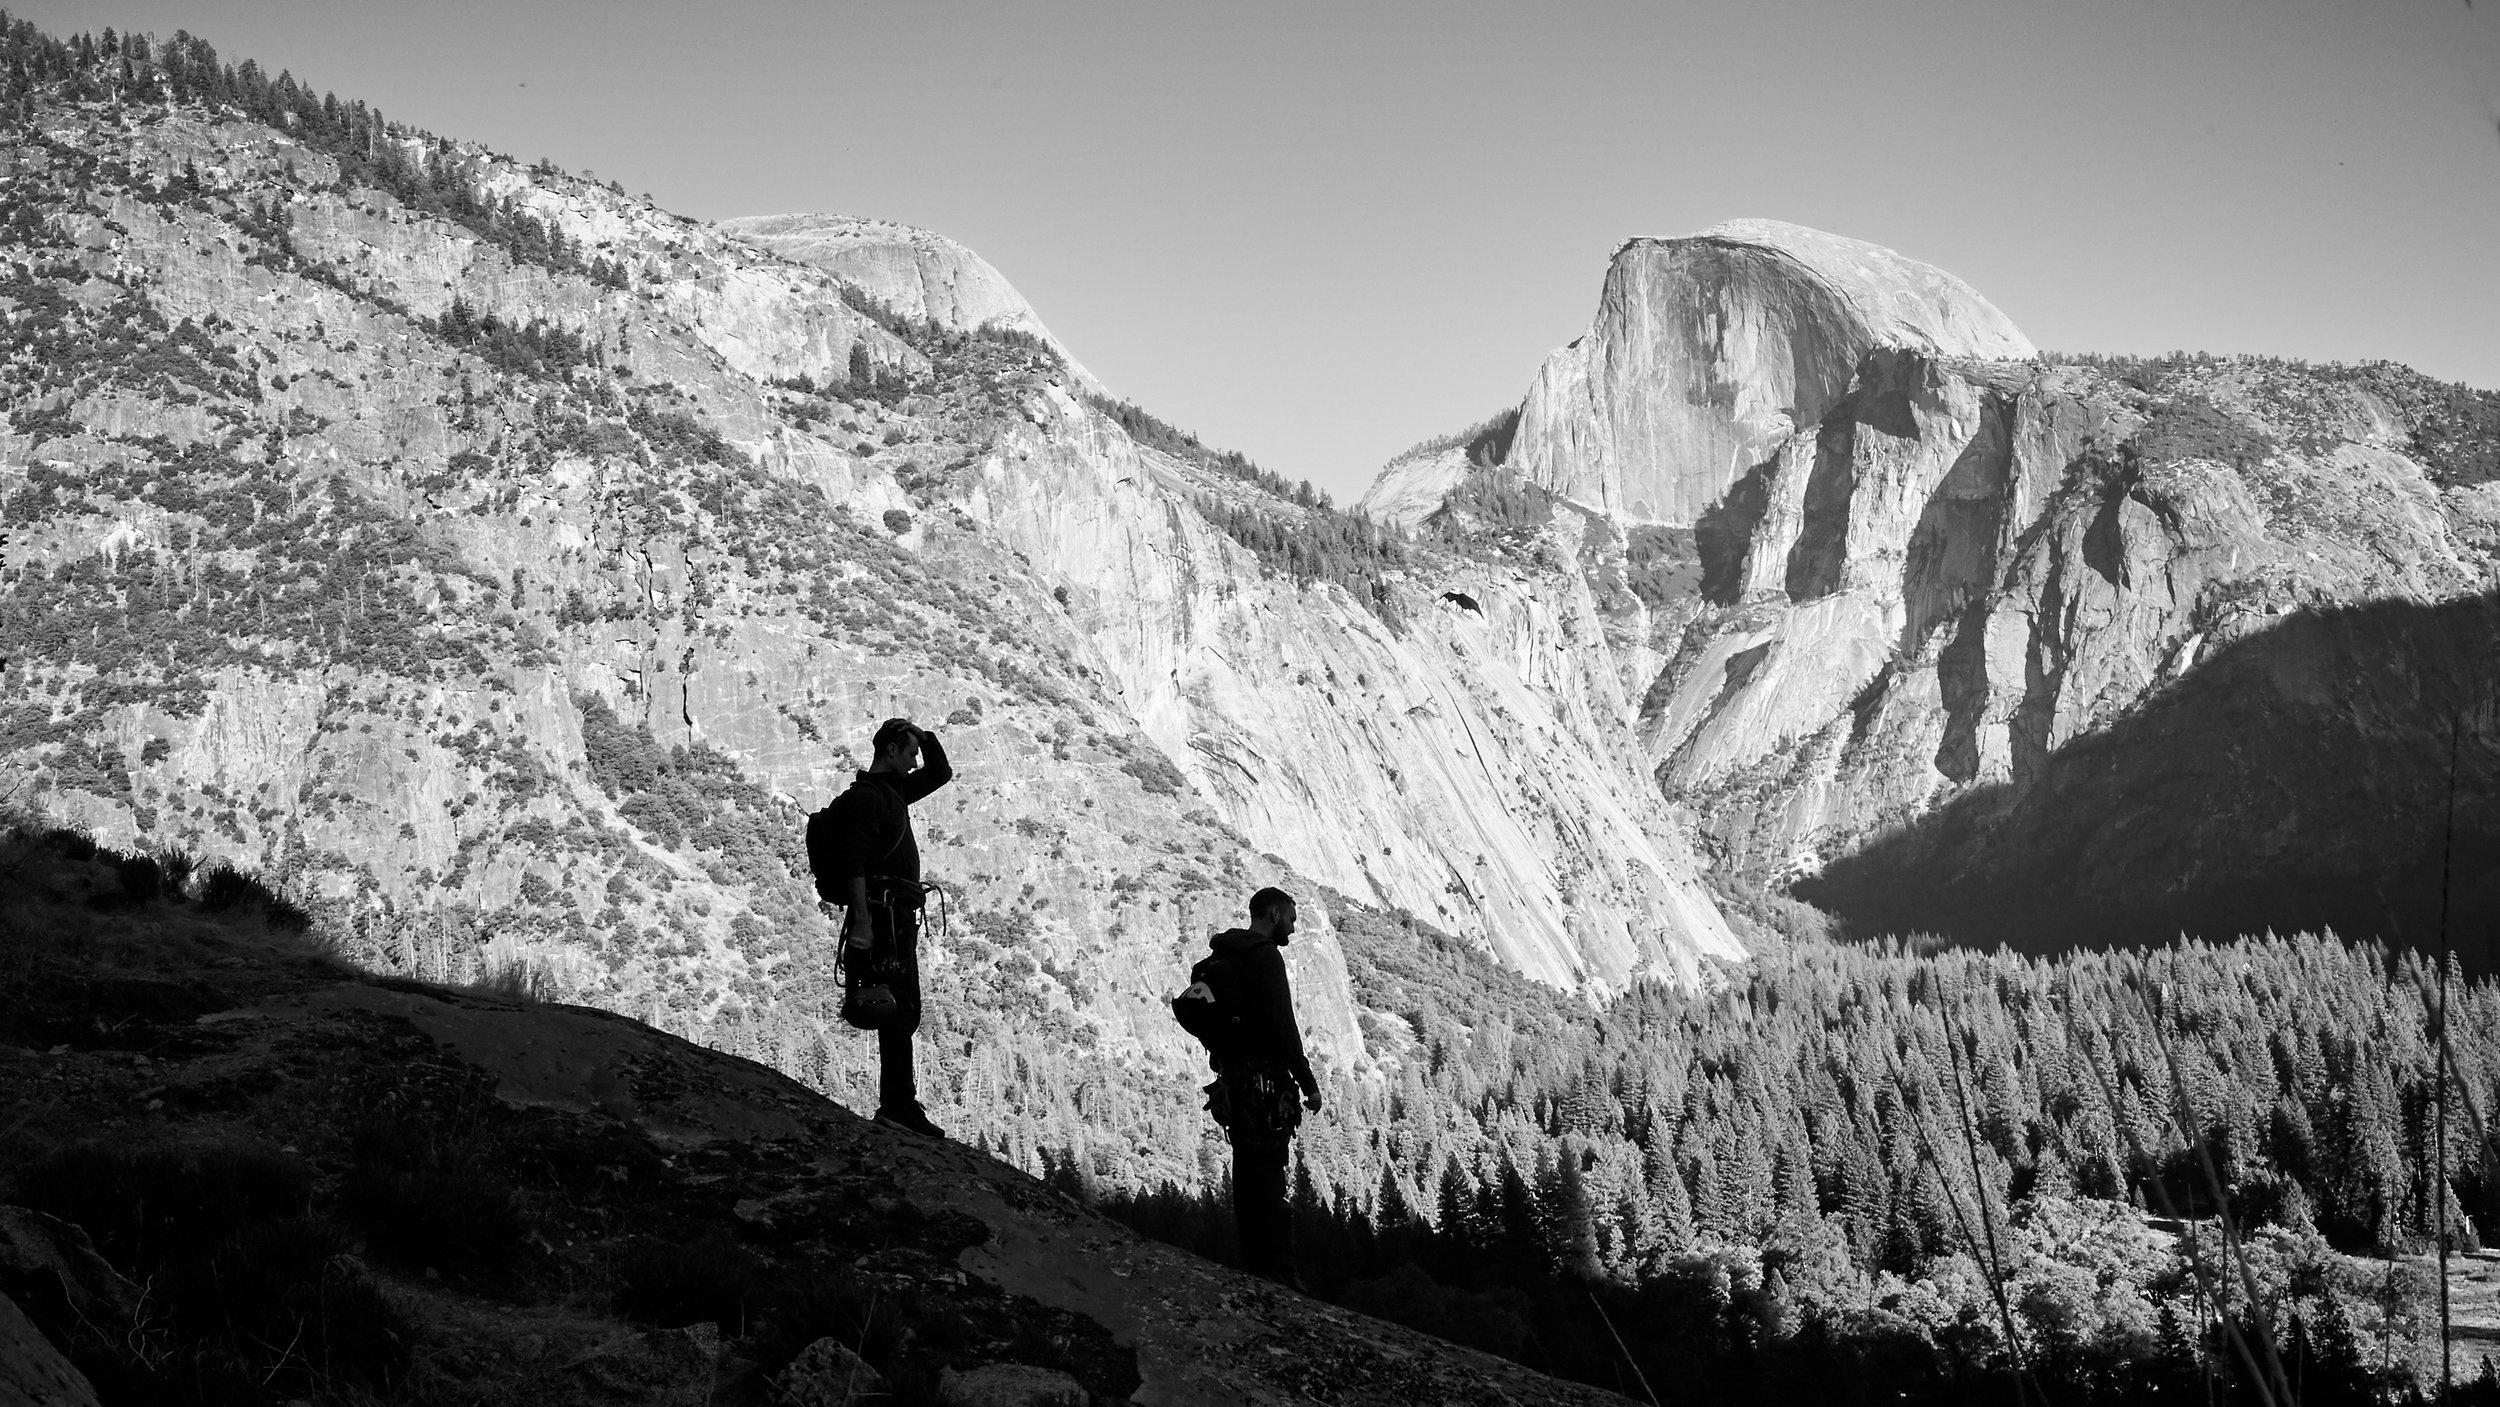 13_171019_Yosemite_406.jpg